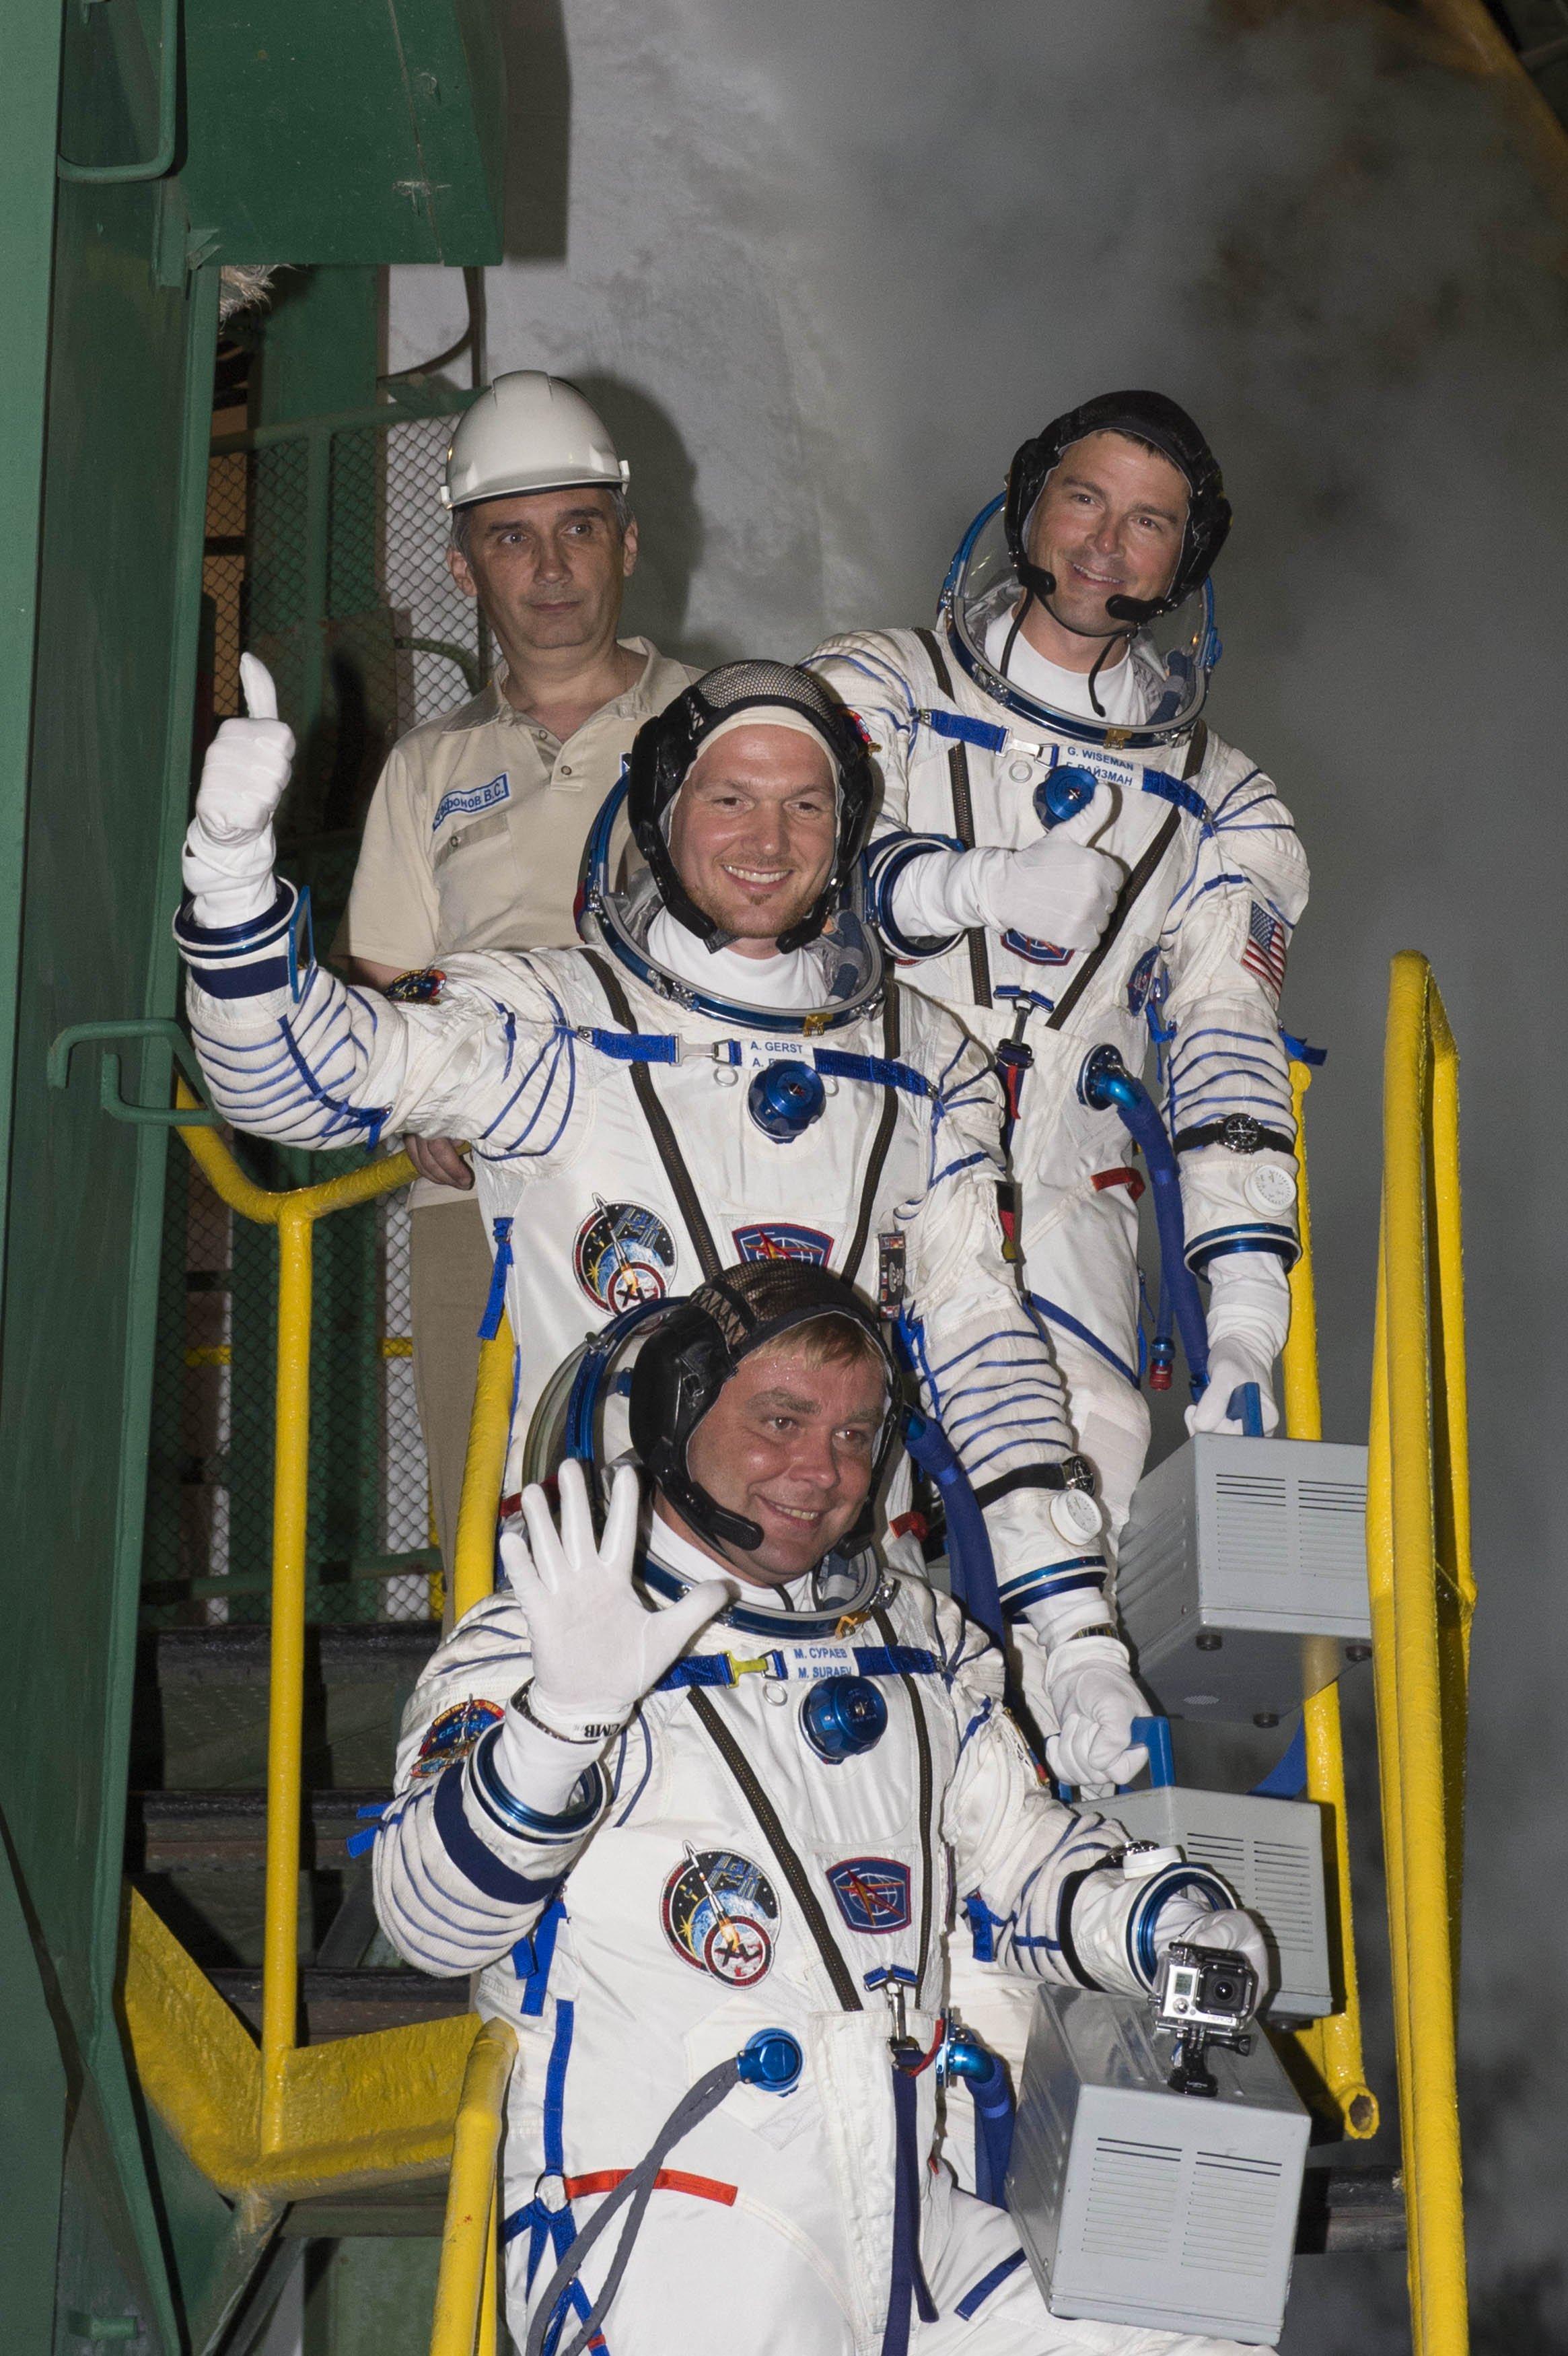 Auf geht's: der deutsche Astronaut Alexander Gerst (mitte), derrussische Kommandant Maxim Surajew (unten) und der amerikanische NASA-Astronaut Gregory Wiseman kurz vor dem Start derExpedition 40/41 auf der Treppe zur Sojus-Rakete auf dem Weltraumbahnhof Baikonur.